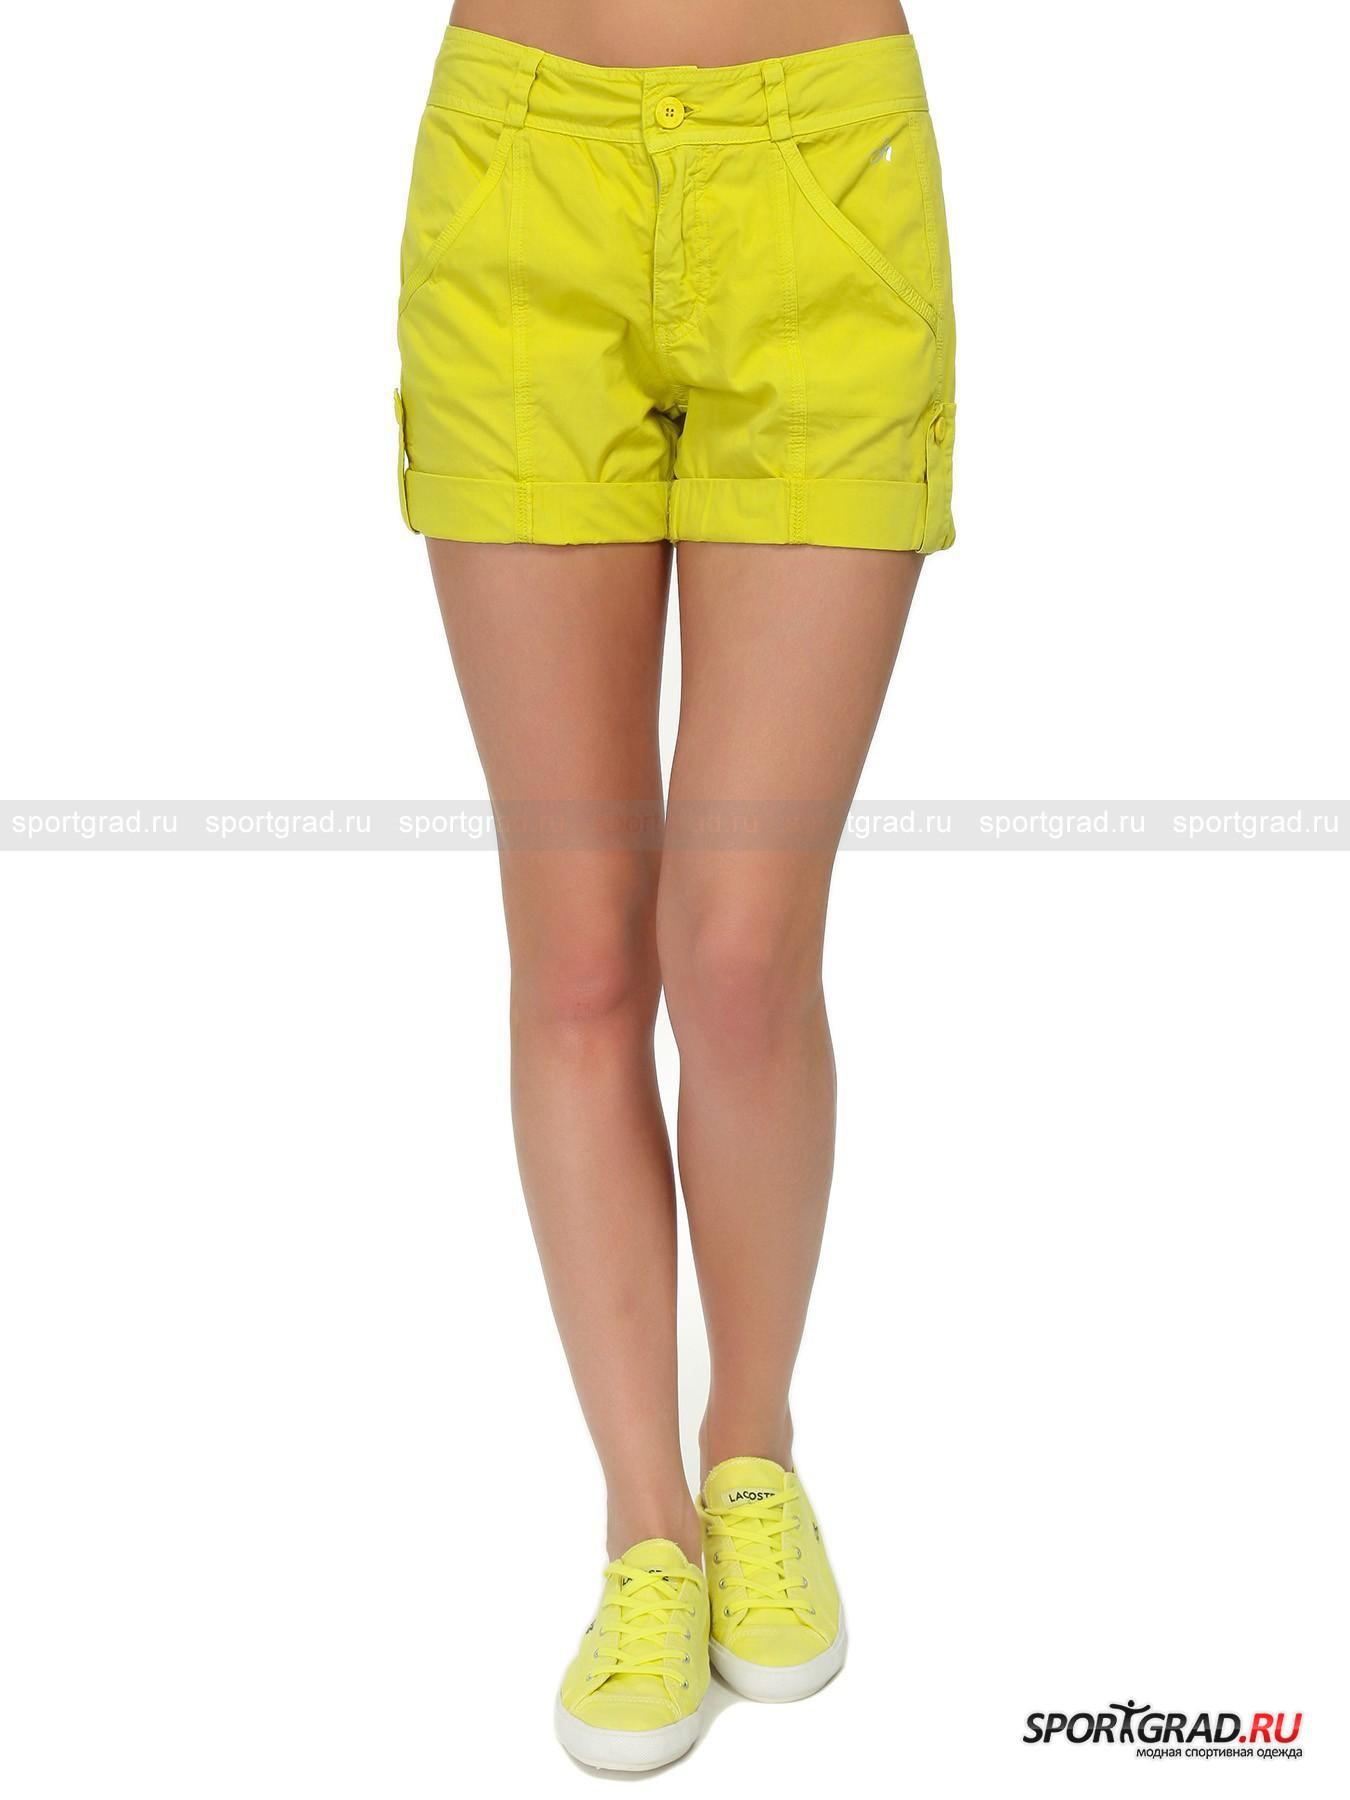 Шорты Shorts DEHAШорты, Велосипедки<br>Короткие шорты Shorts Deha – классическая летняя модель, позволяющая создавать множество ярких образов. Эти потрясающие шорты имеют все, чтобы стать одной из самых любимых вещей в вашем гардеробе: приятный к телу хлопковый материал, стильные отвороты на пуговицах, полукруглые карманы, создающие дополнительный объем в области ягодиц, кокетку для лучшей посадки и вертикальные швы, делающие ноги визуально длиннее. Также у модели есть два прорезных кармана спереди, шлевки для ремня и застежка-молния.<br><br>Пол: Женский<br>Возраст: Взрослый<br>Тип: Шорты, Велосипедки<br>Рекомендации по уходу: стирка в теплой воде до 30 С; не отбеливать; гладить при низкой температуре (до 120 C); только сухая чистка; нельзя выжимать и сушить в стиральной машине<br>Состав: 100% хлопок